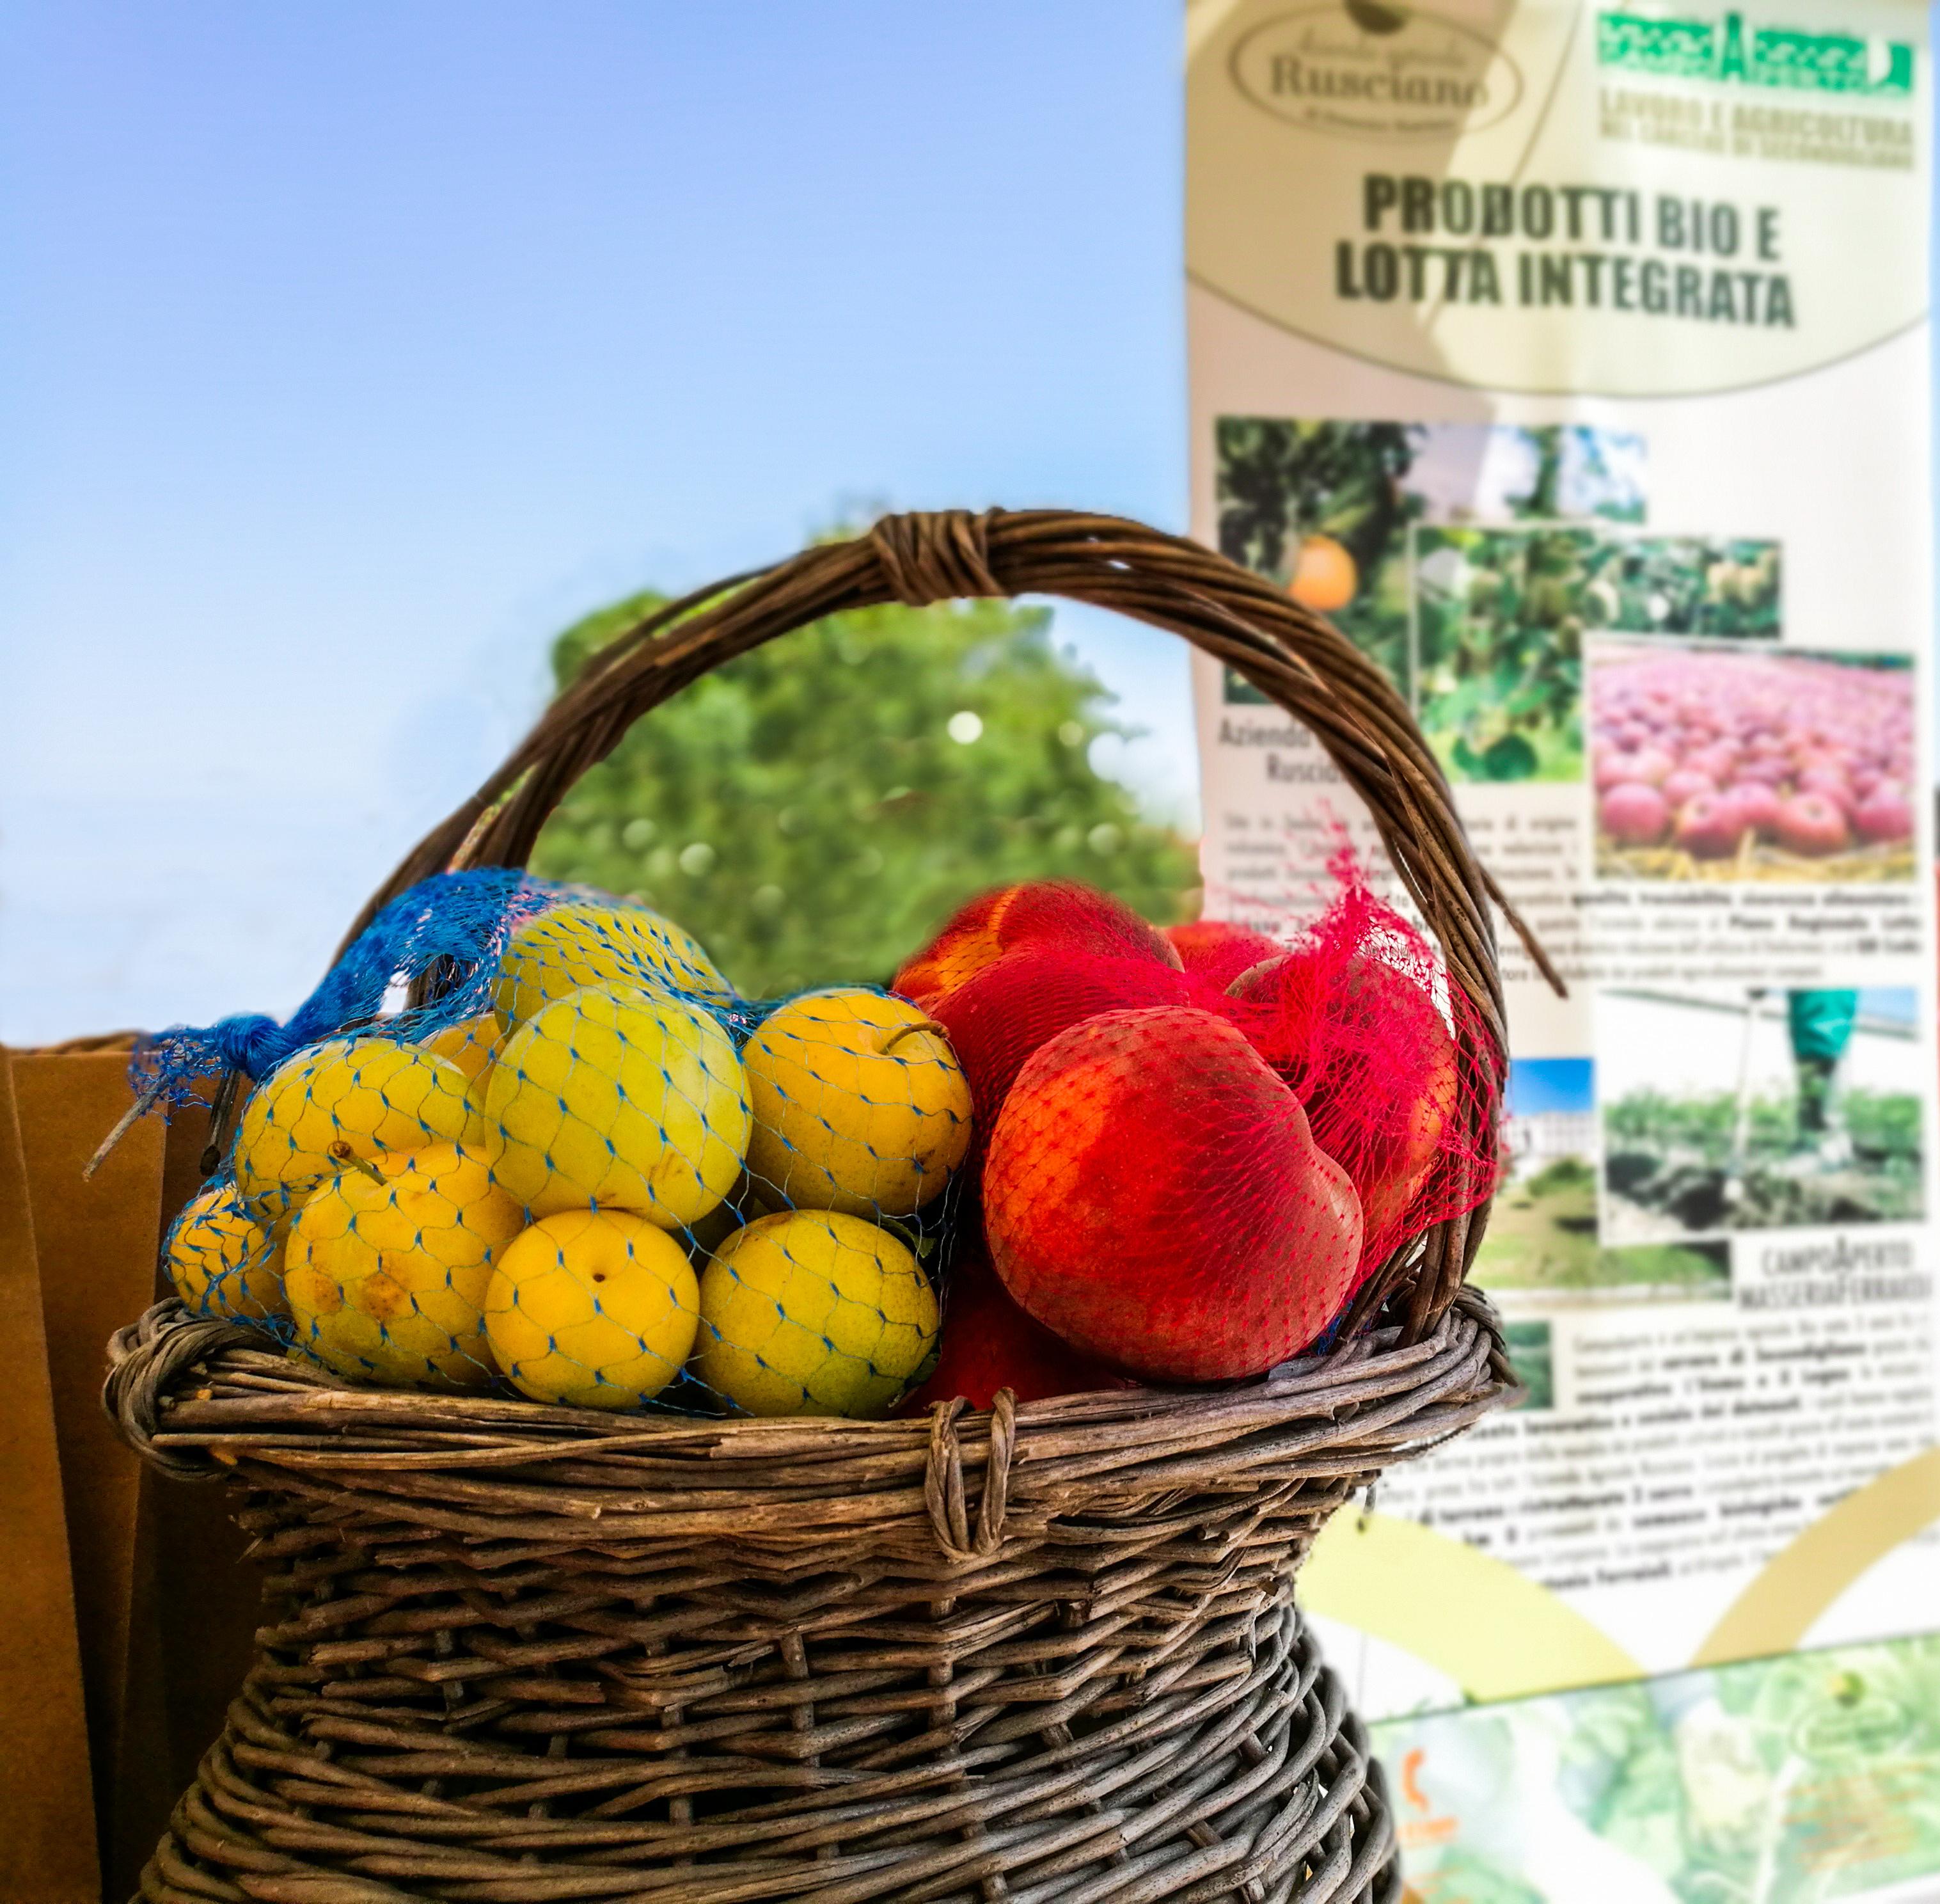 Frutta Day alla Masseria Ferraioli: scegli e raccogli con le tue mani!